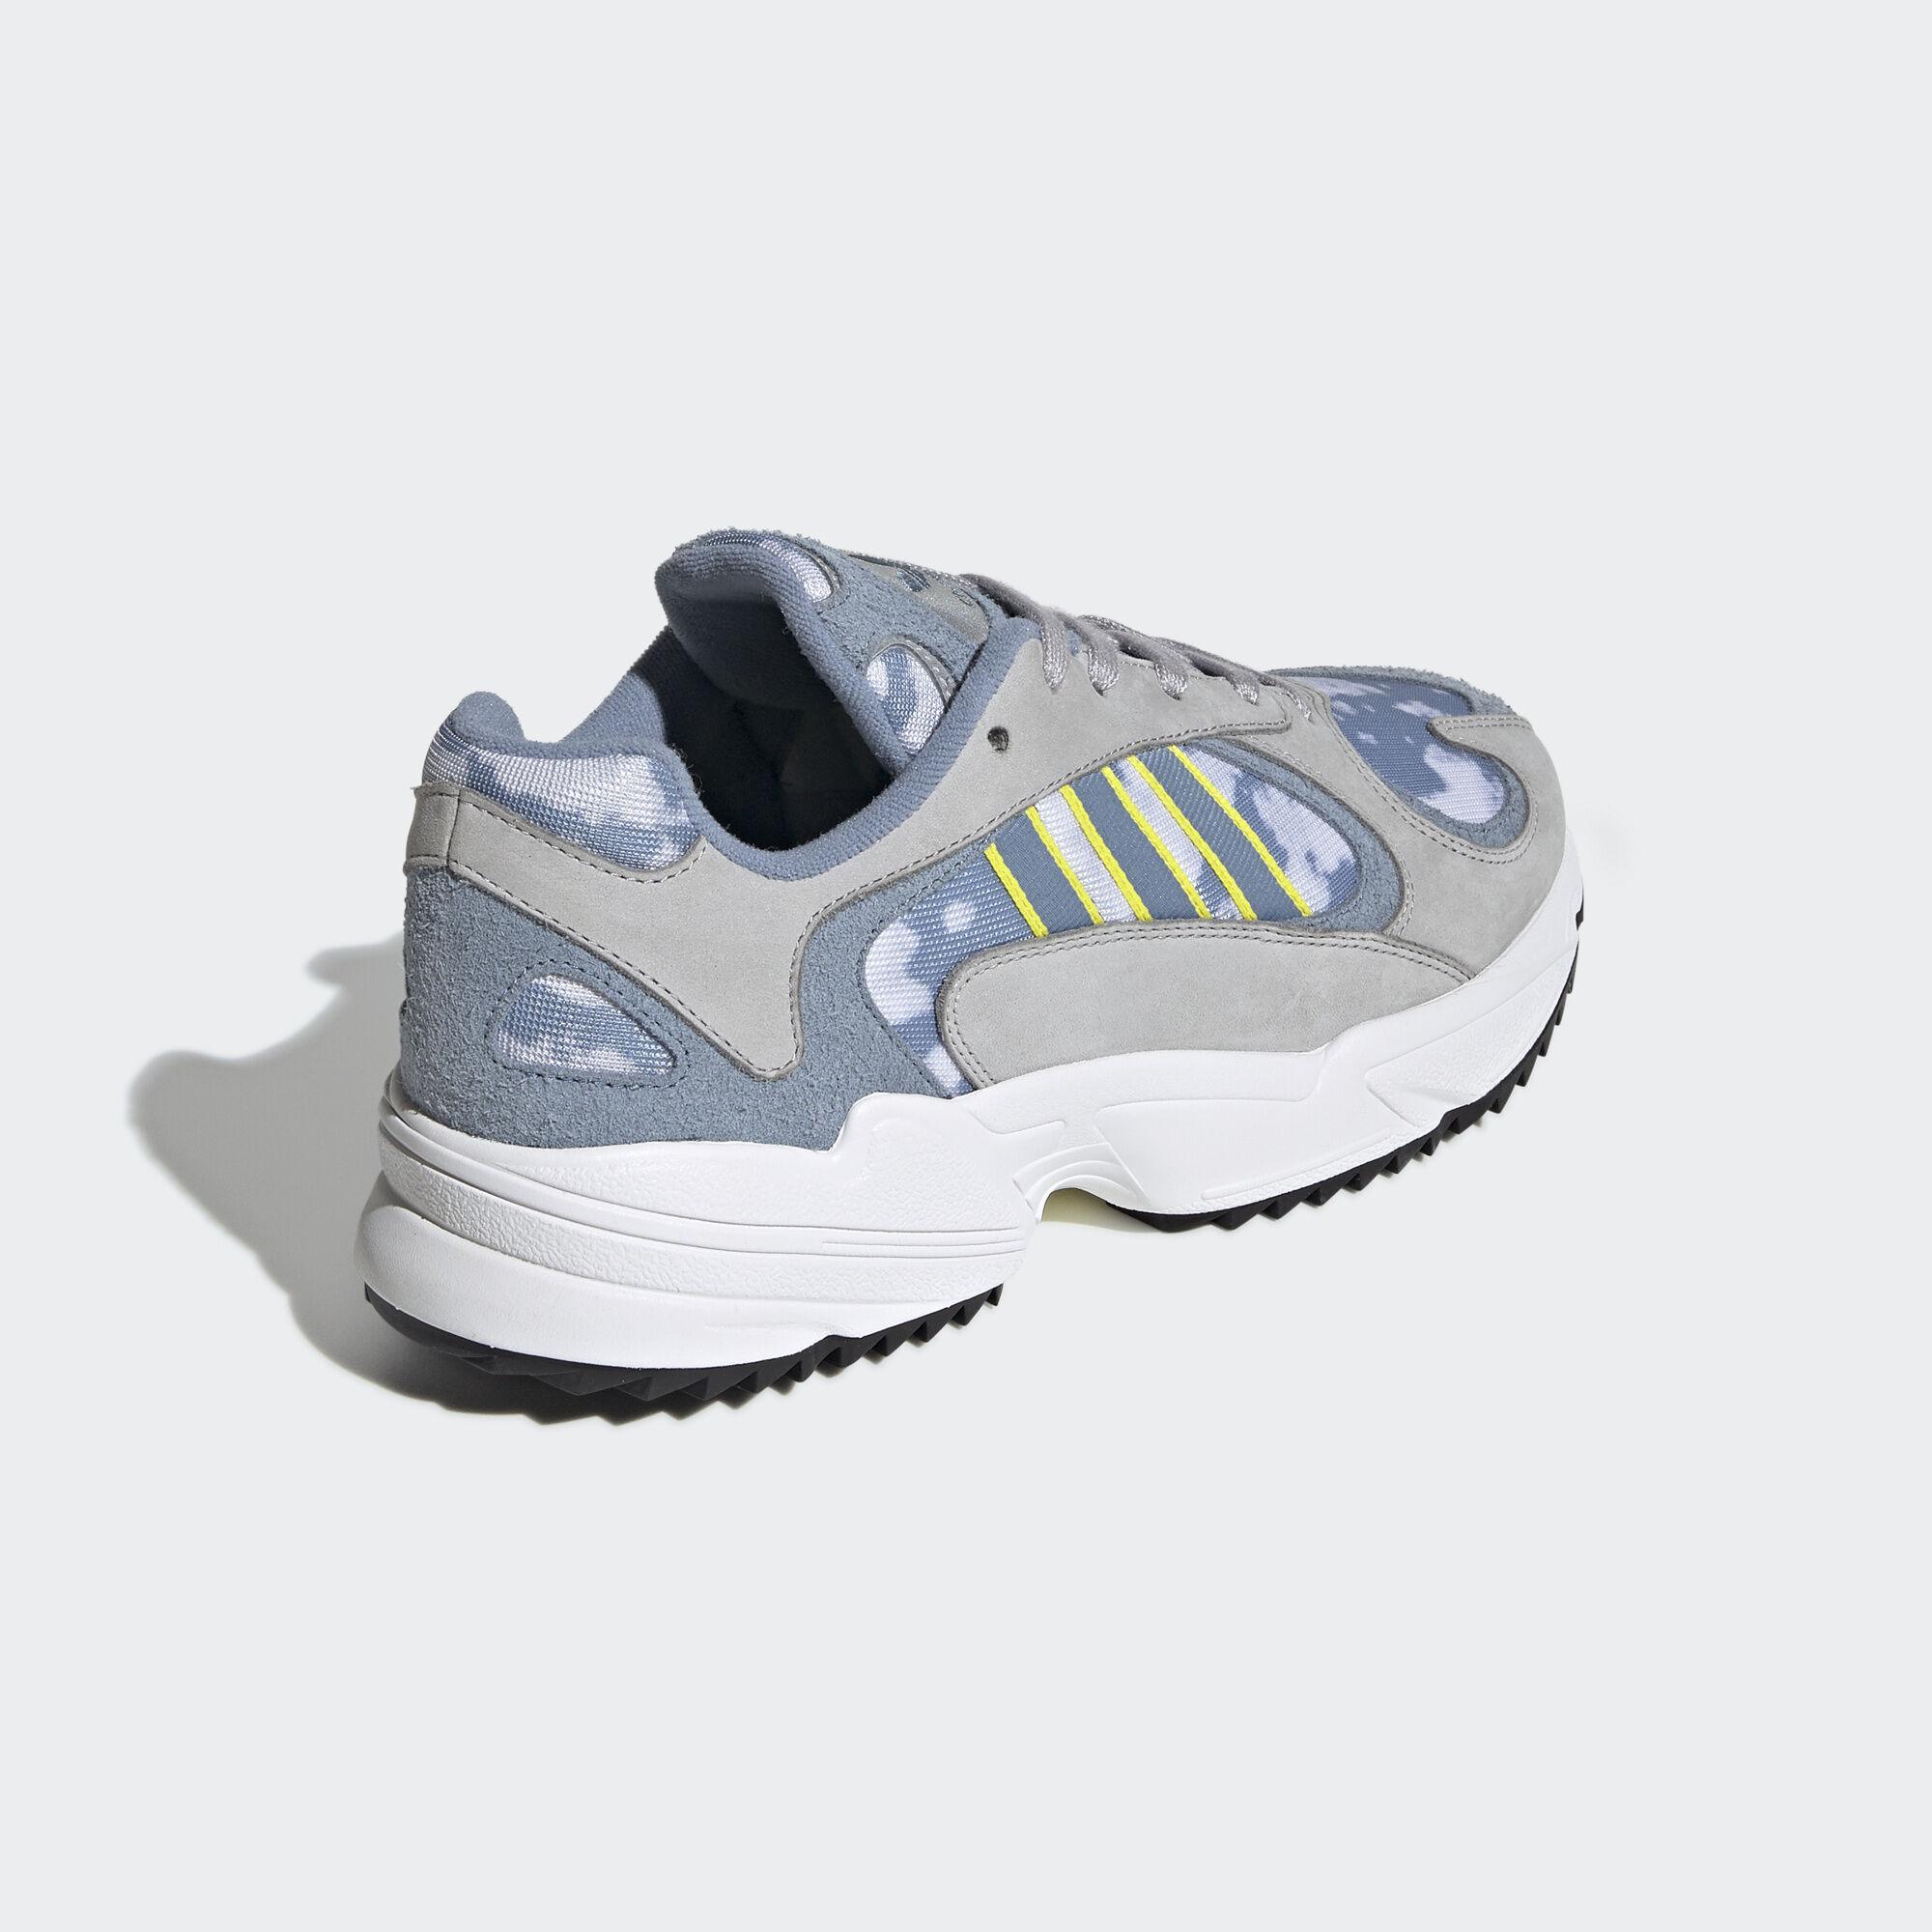 Adidas Yung-1 Grey Two / Raw Grey / Shock Yellow (EF2778)